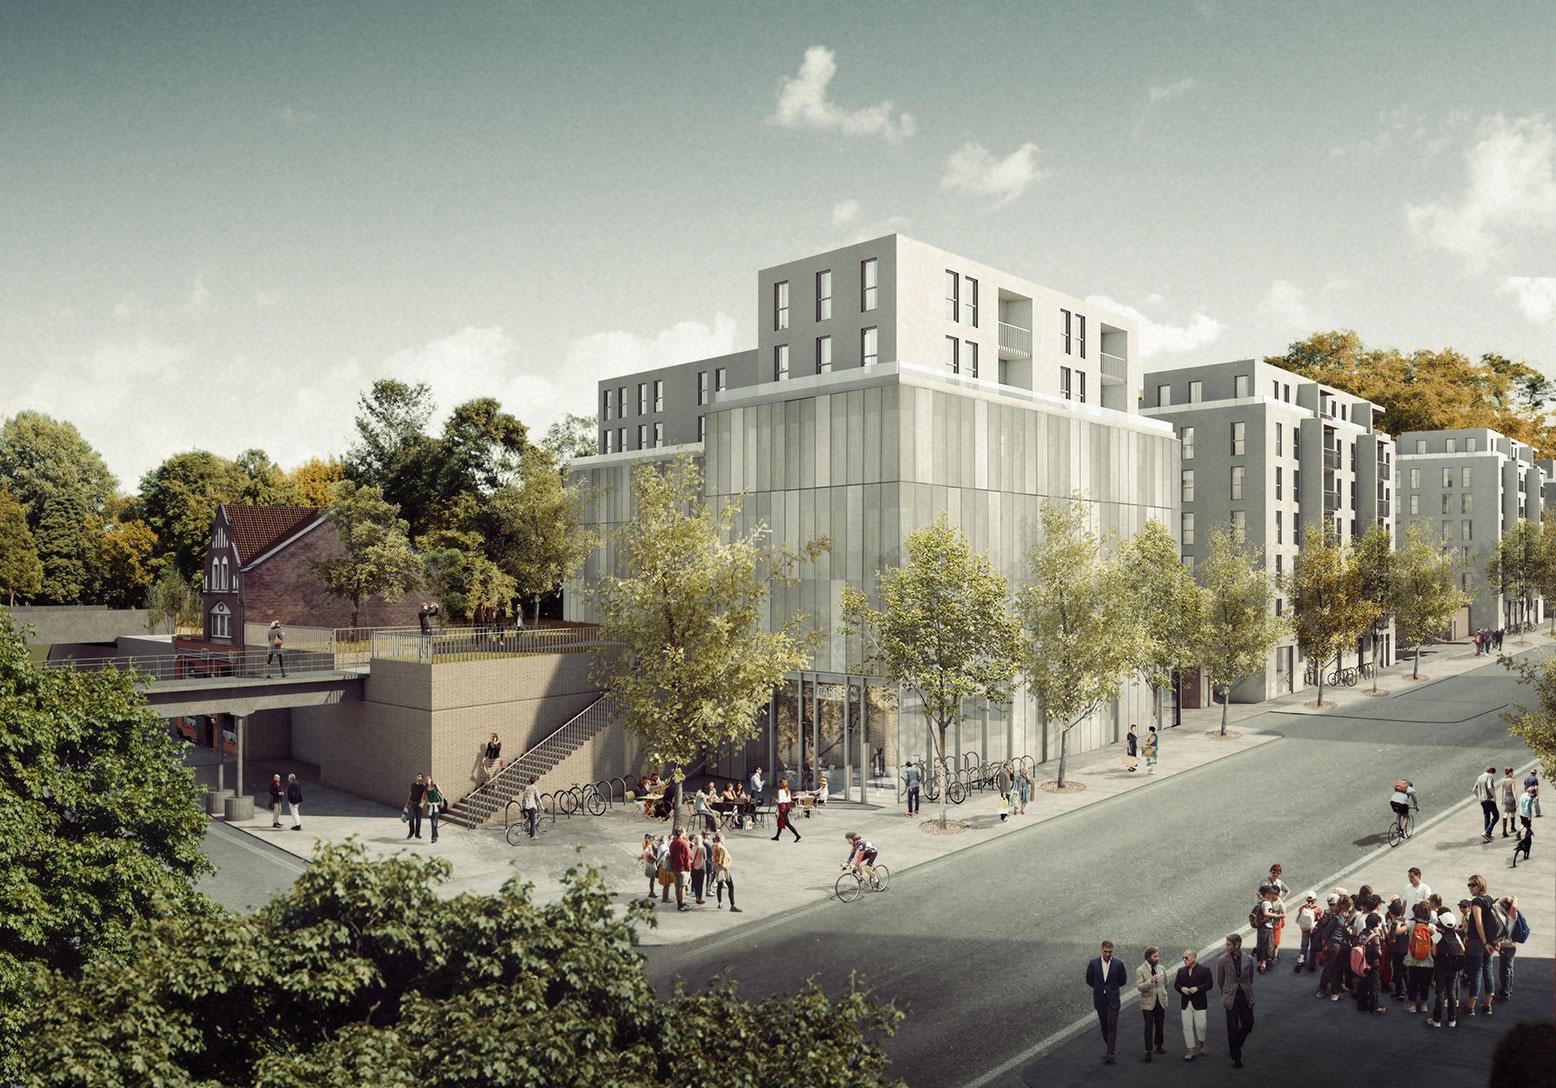 New Residential Quarter Bautzener Strasse, Berlin